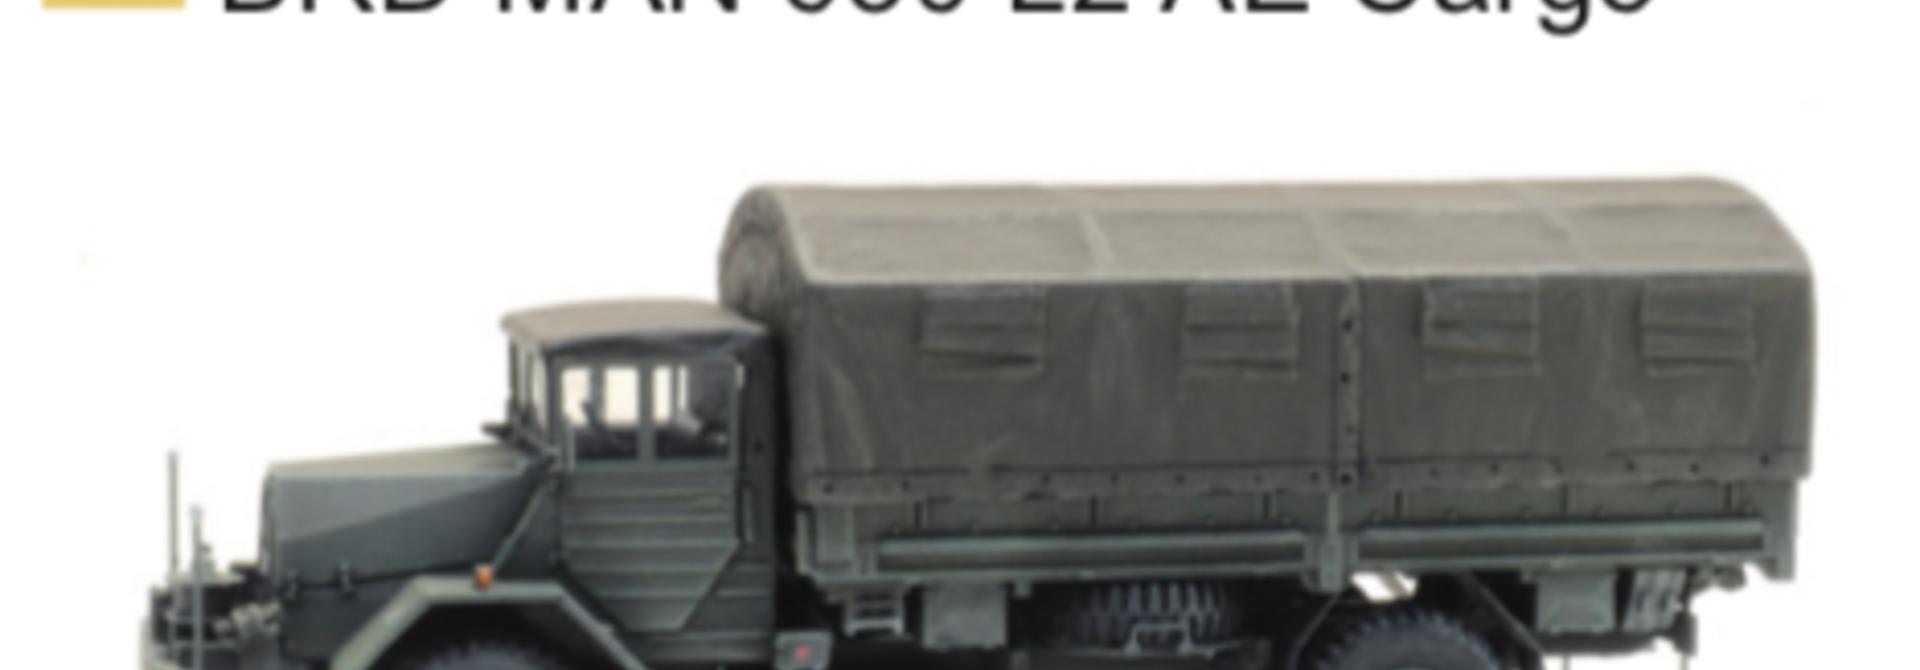 1870170 BRD MAN 630 L2 AE Cargo